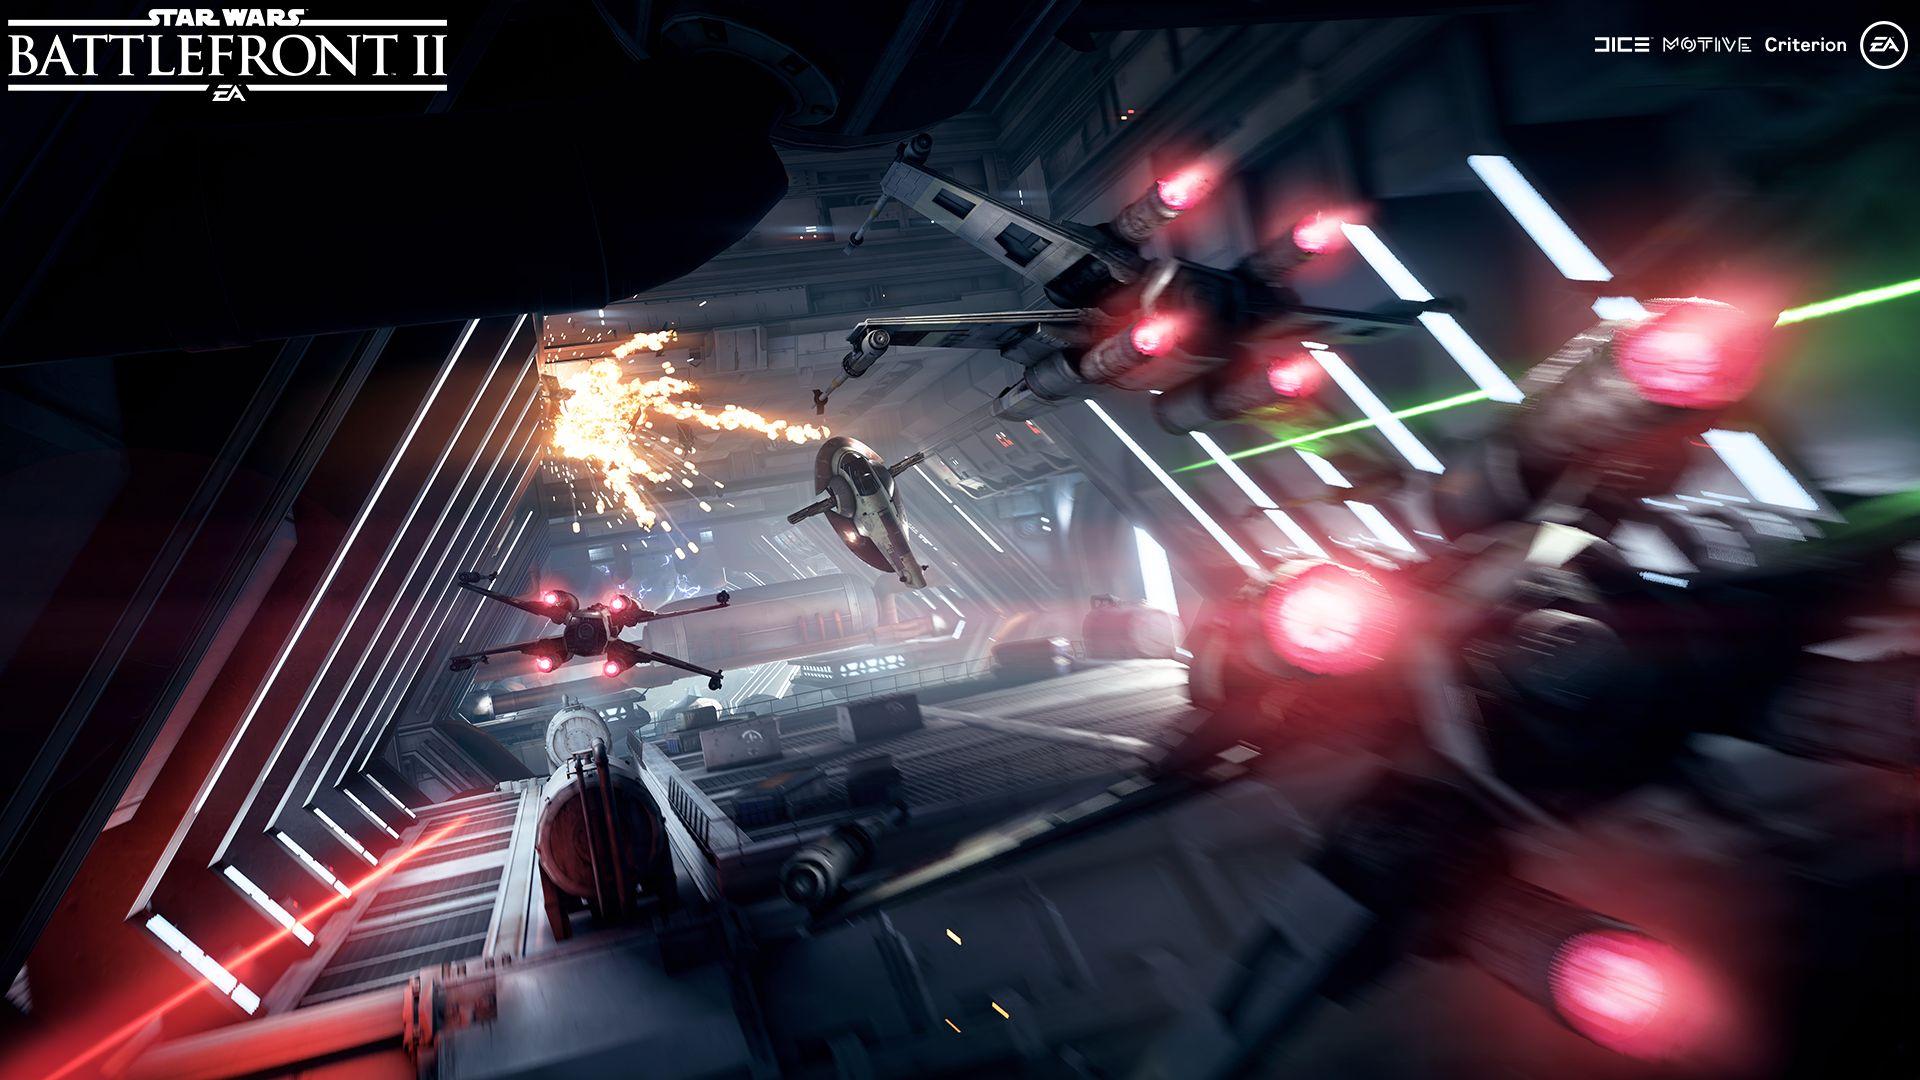 Vesmírné bitvy ve Star Wars: Battlefrontu 2 na nových screenshotech 148815